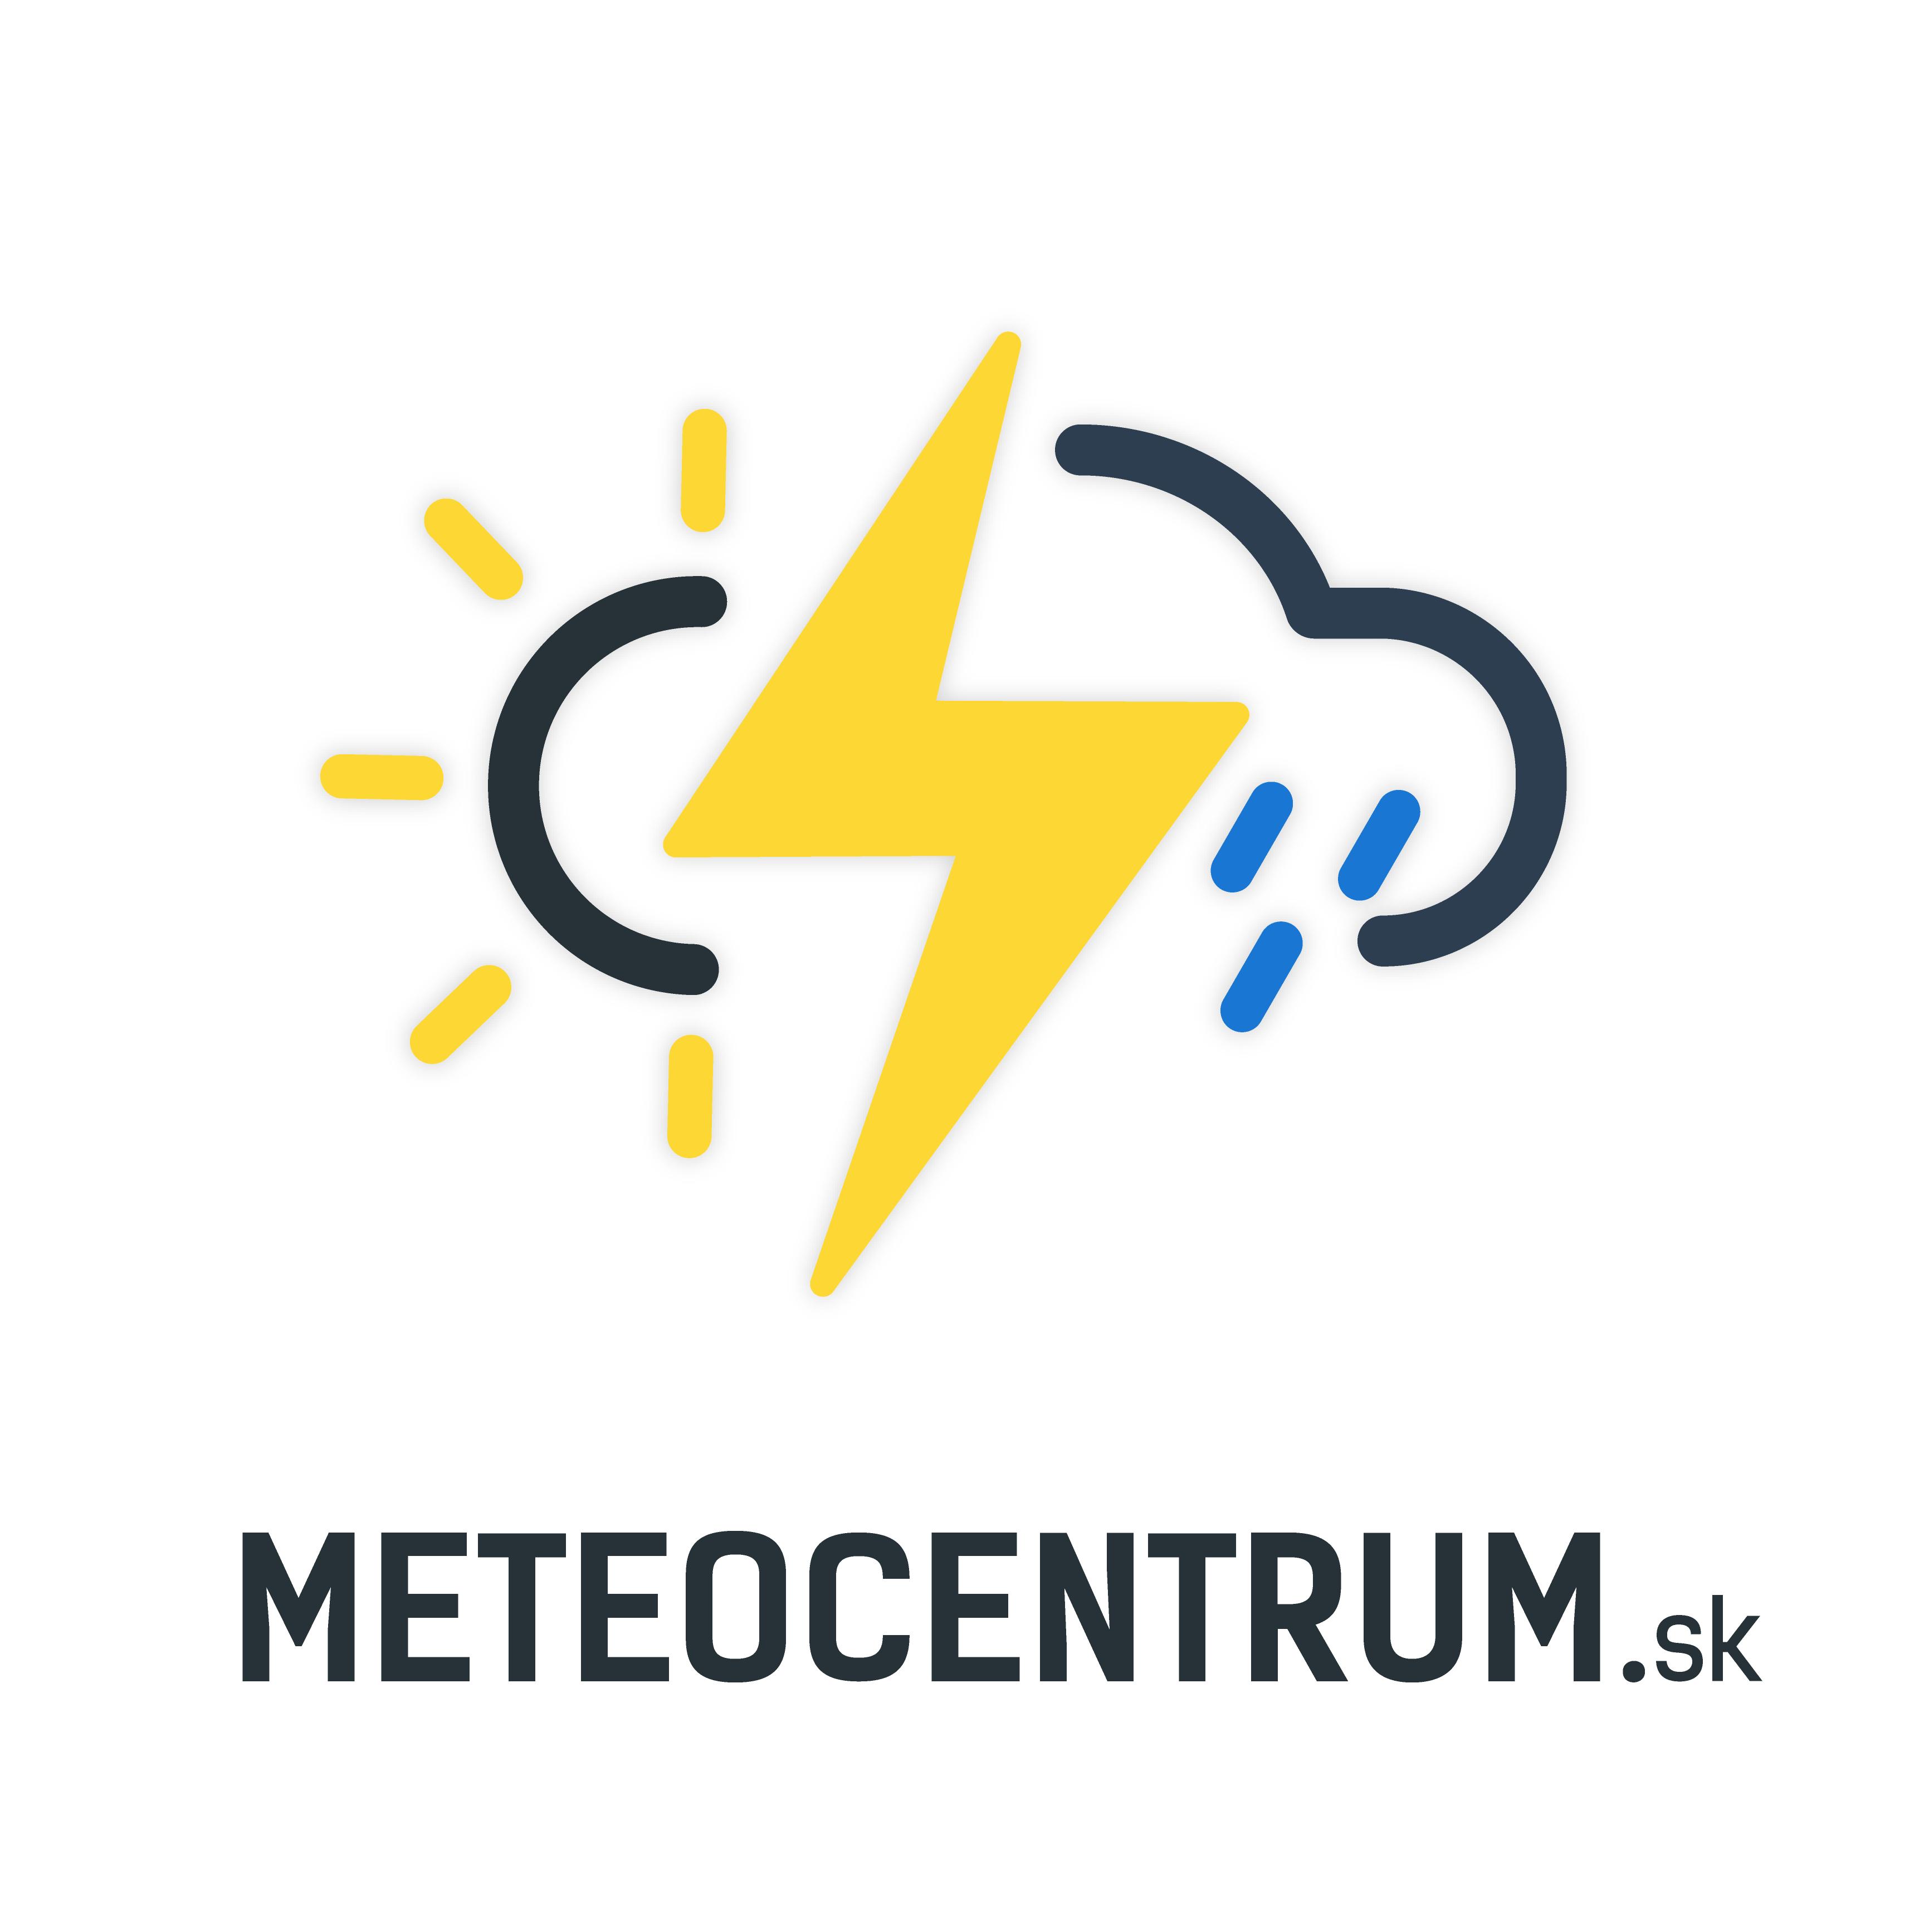 Meteocentrum.sk blog - Novinky zo sveta meteostaníc a počasia